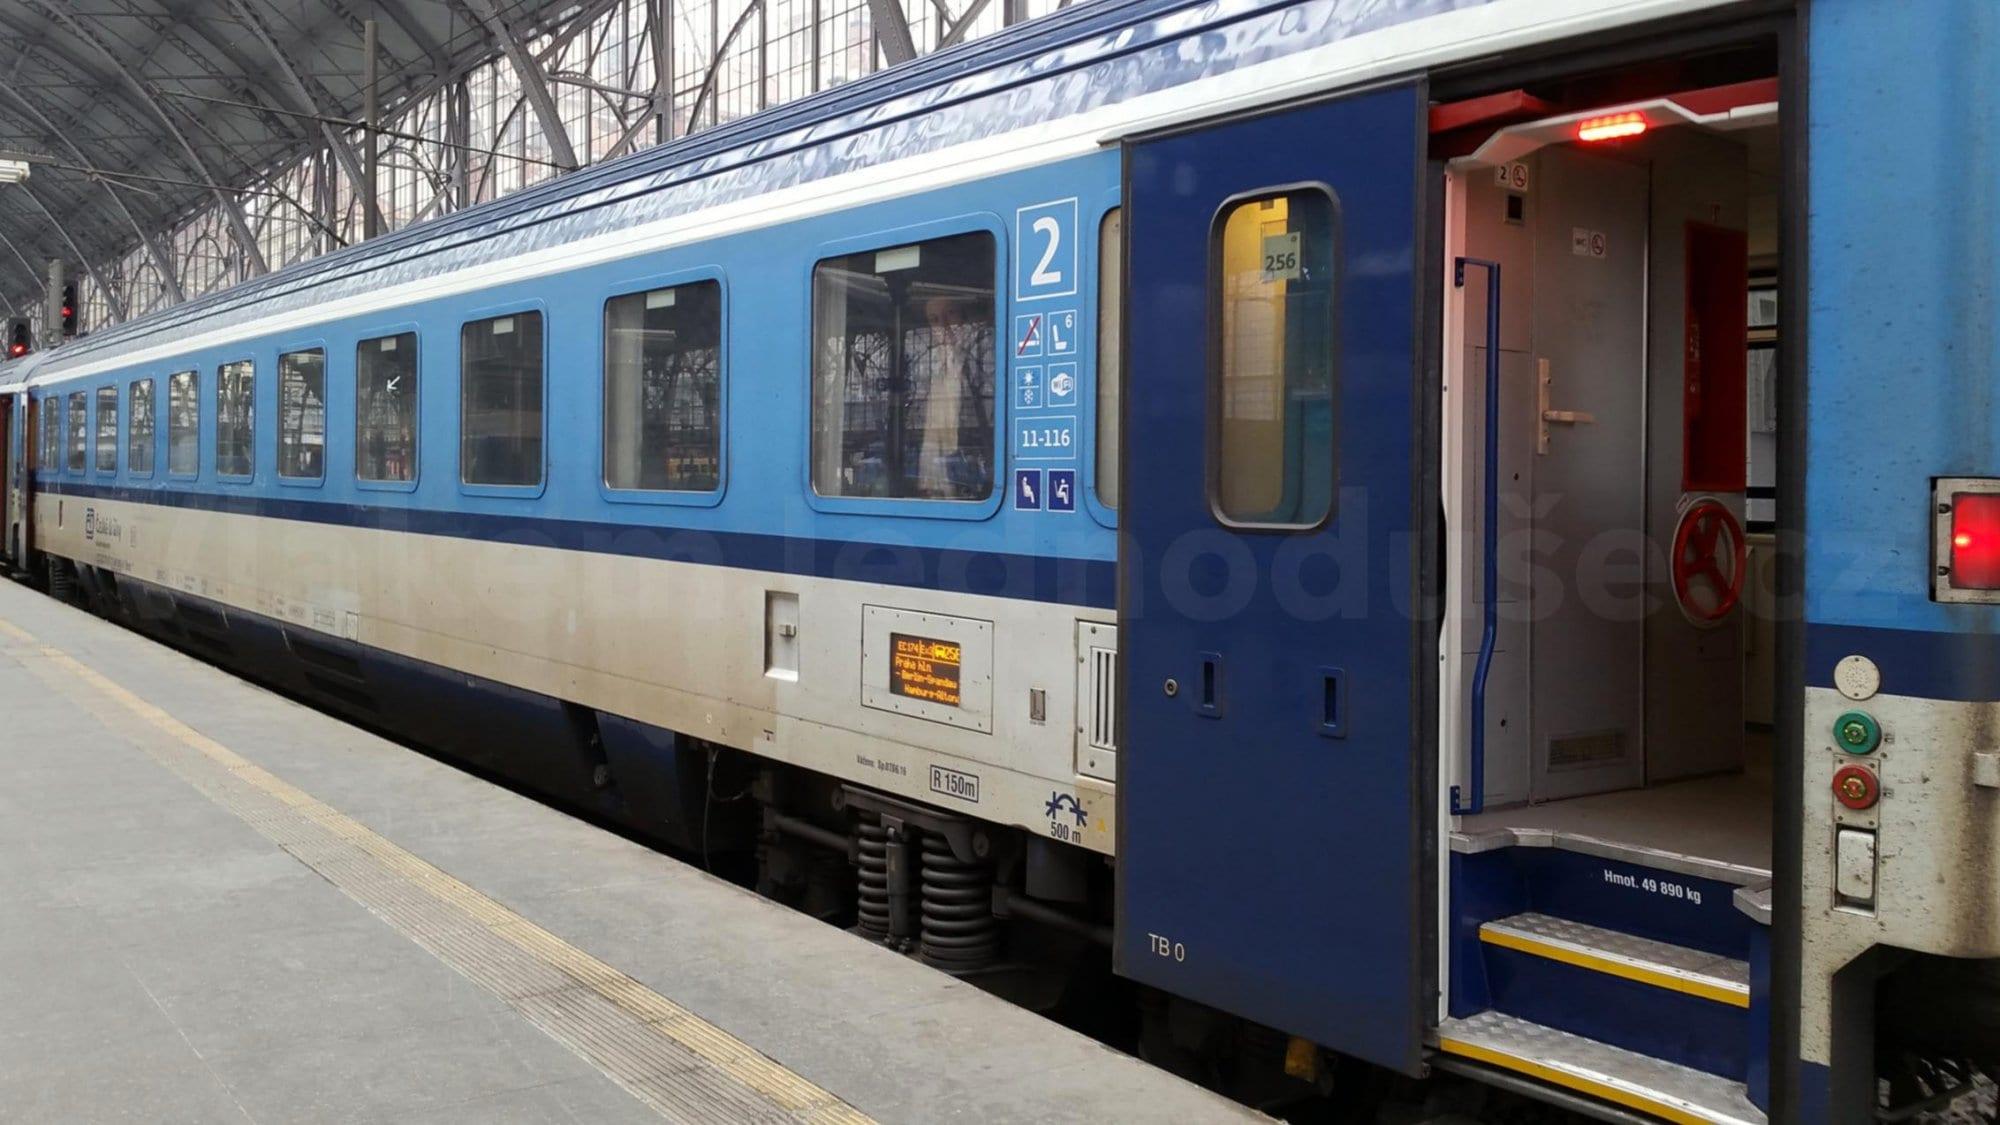 Popis vozu Bmz 245